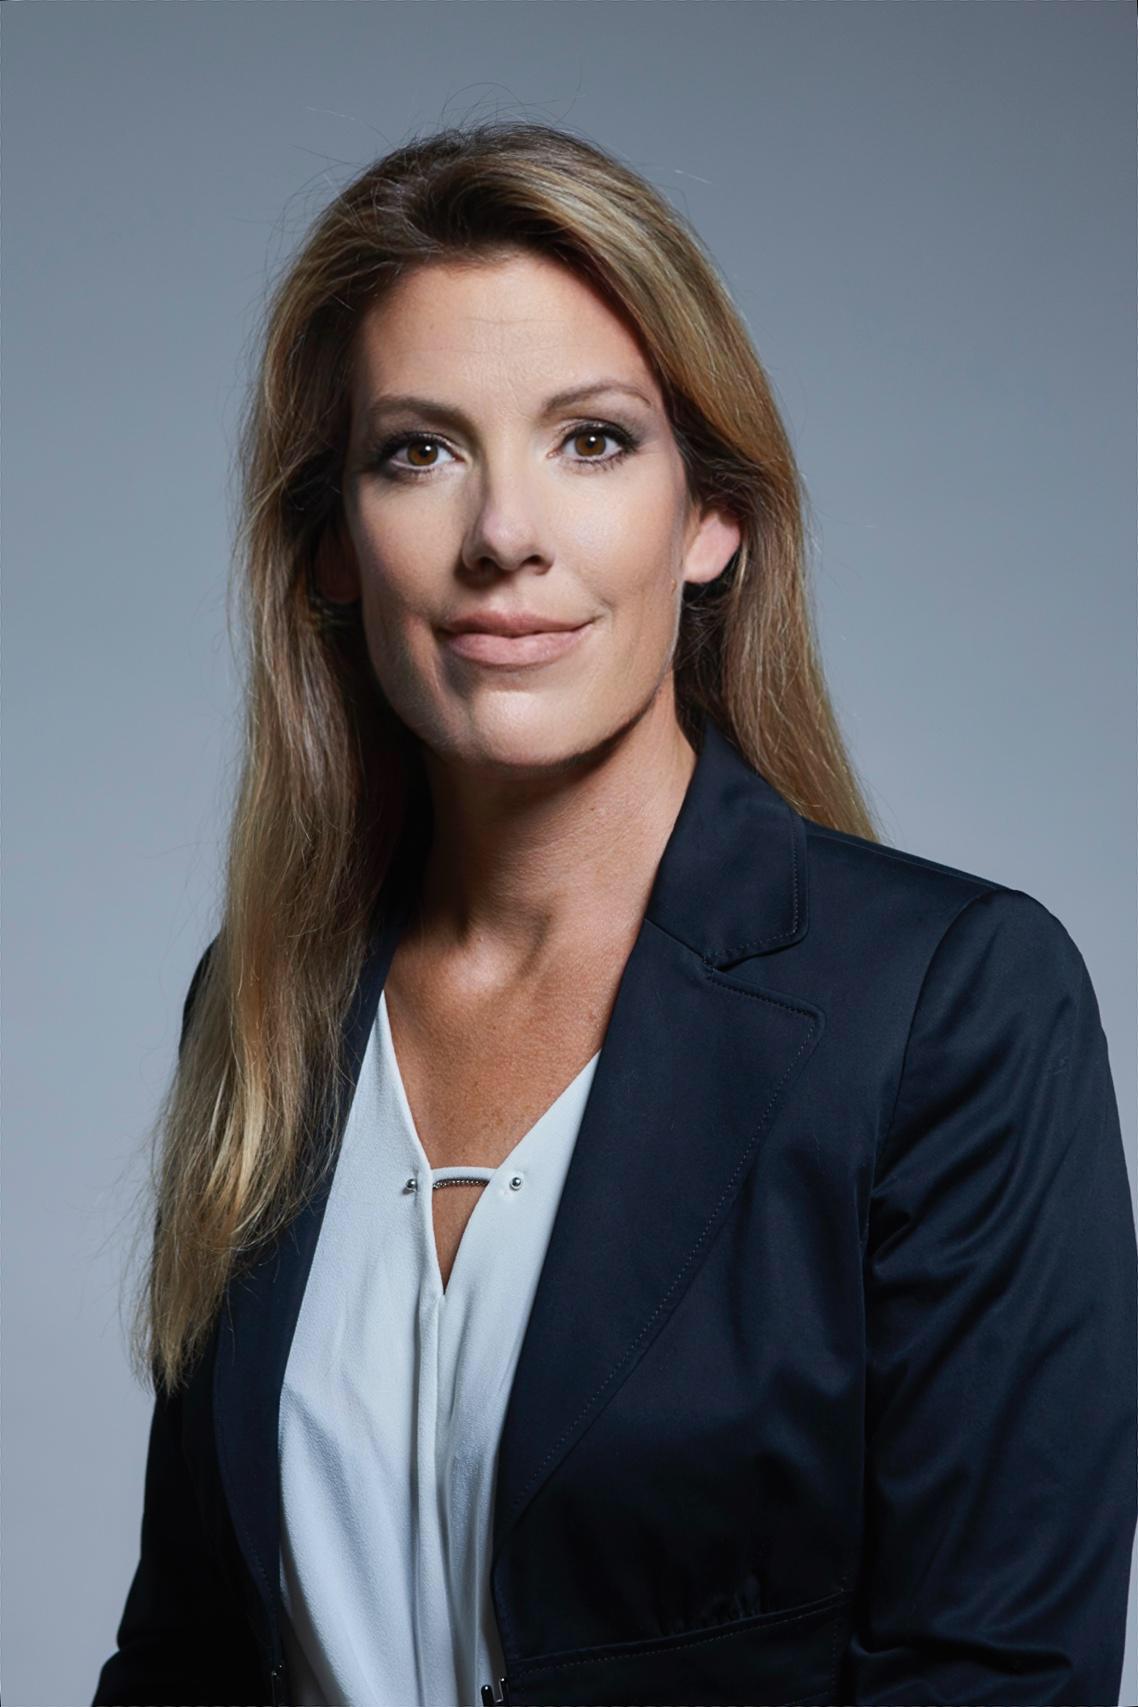 Céline Killer Bertolini